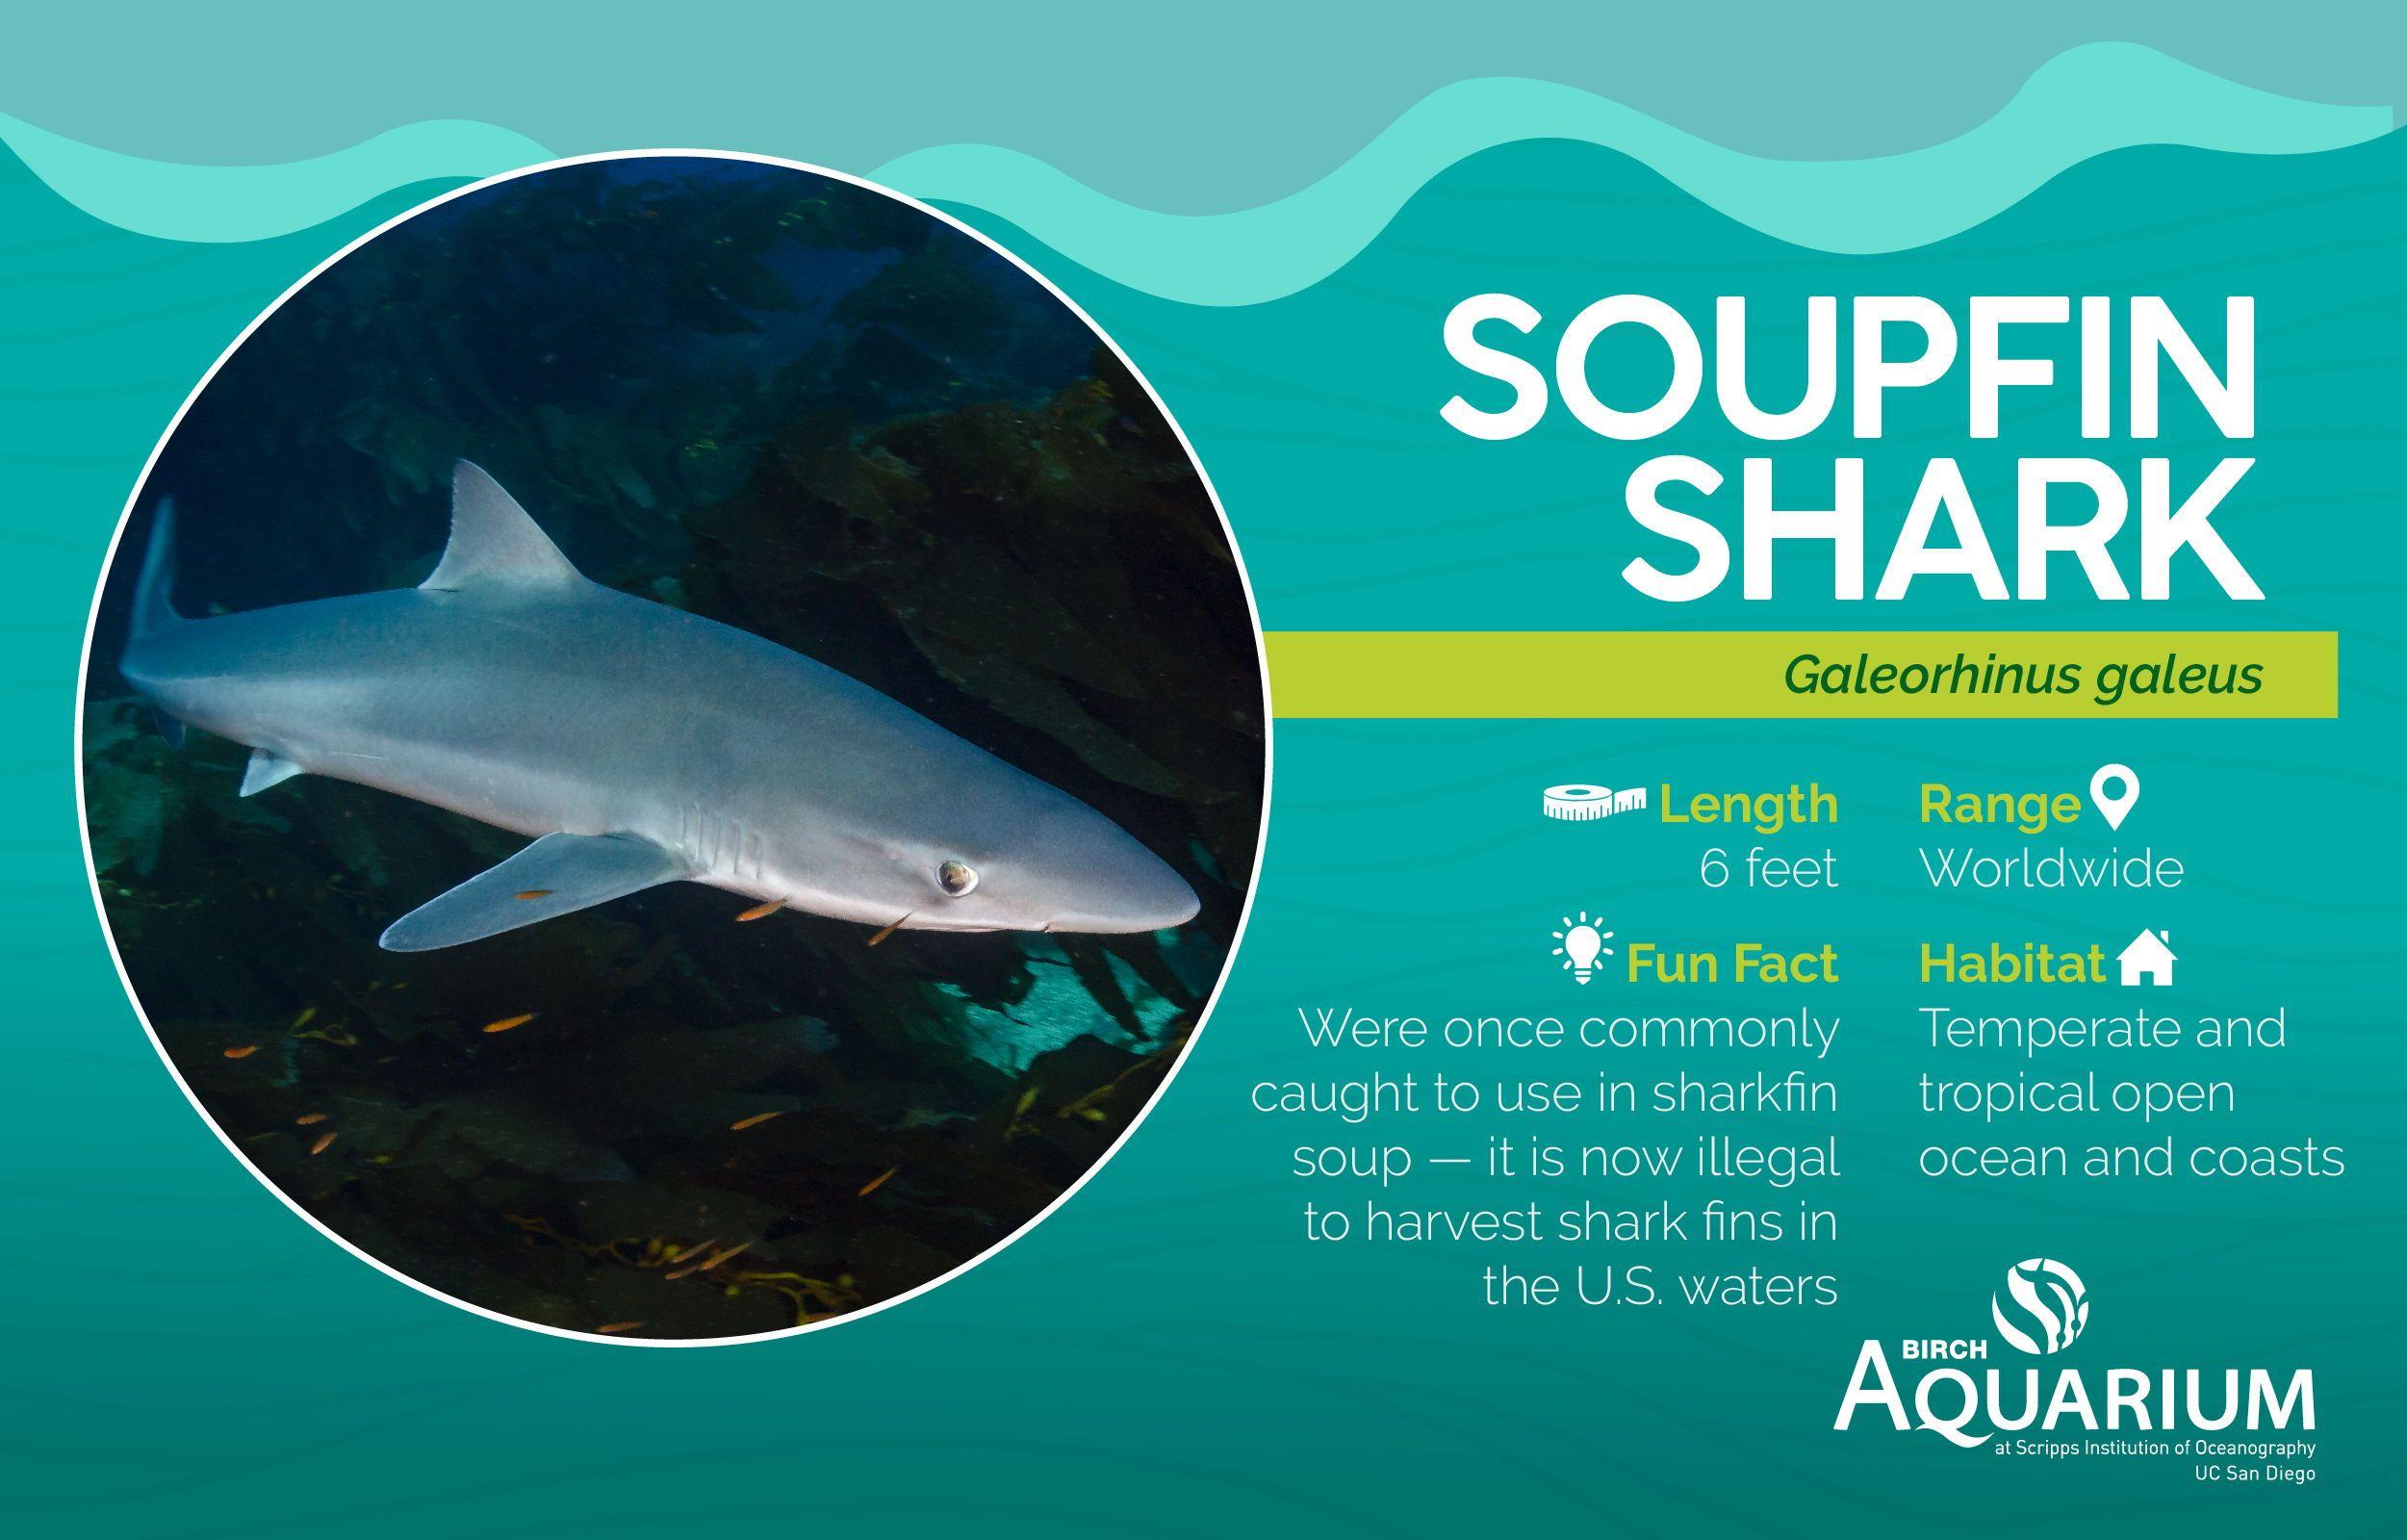 It S Sharkweek A Few Fun Facts About The Soupfin Shark